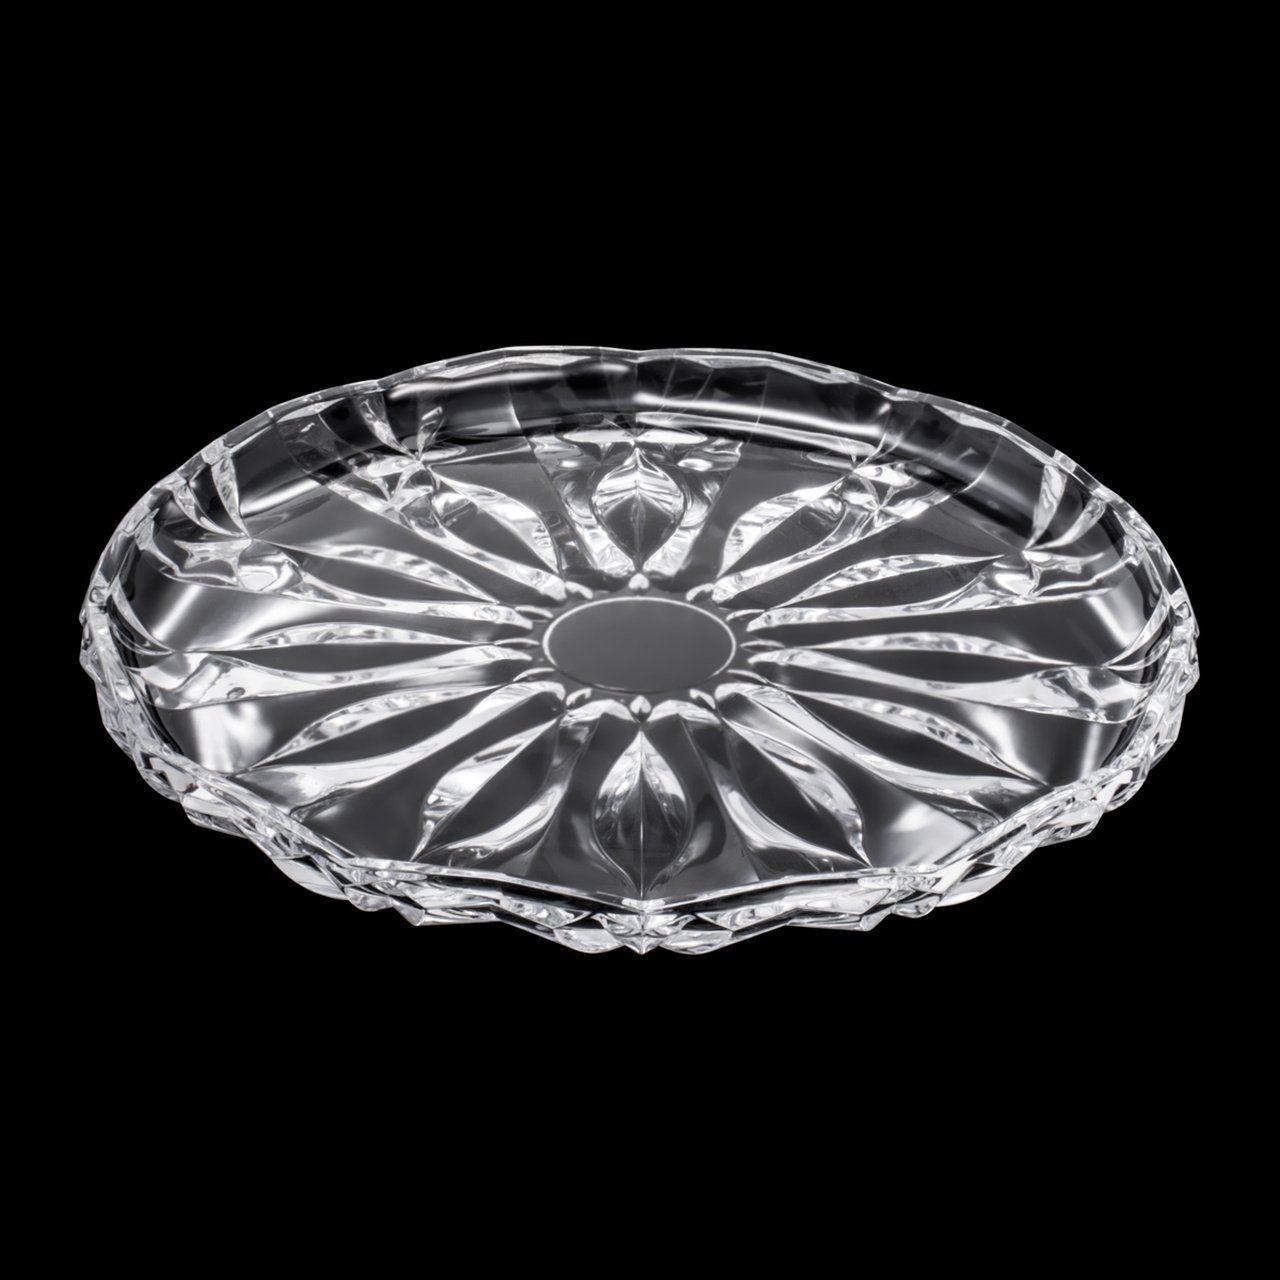 Prato 31 cm para bolo de cristal transparente Louise Wolff - 5341